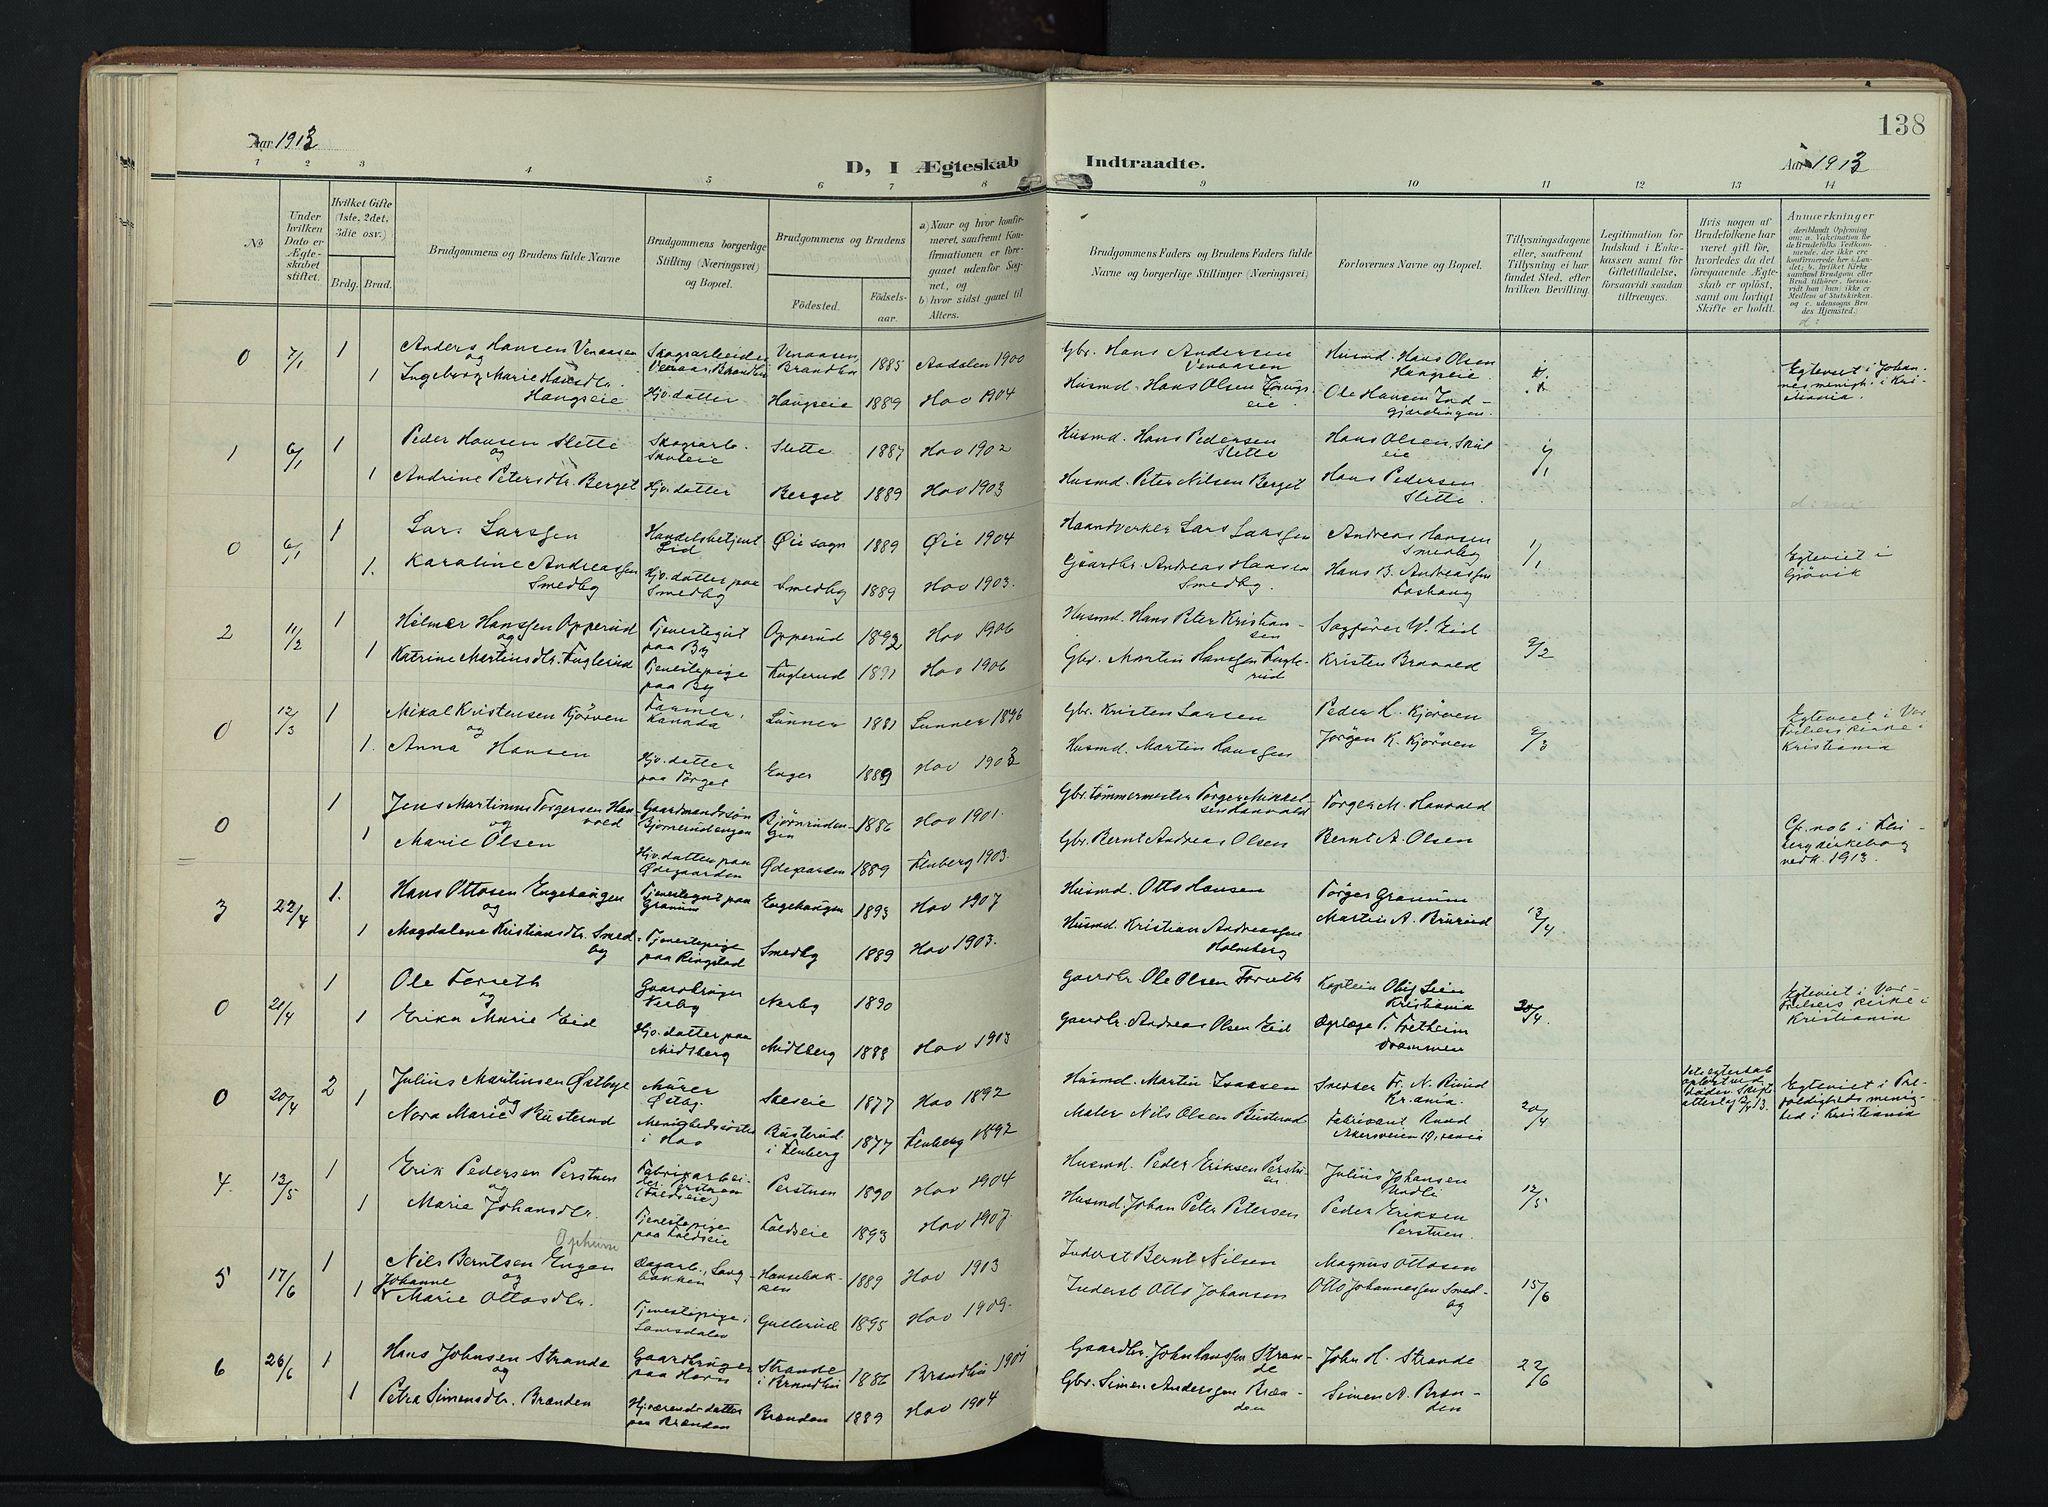 SAH, Søndre Land prestekontor, K/L0007: Ministerialbok nr. 7, 1905-1914, s. 138